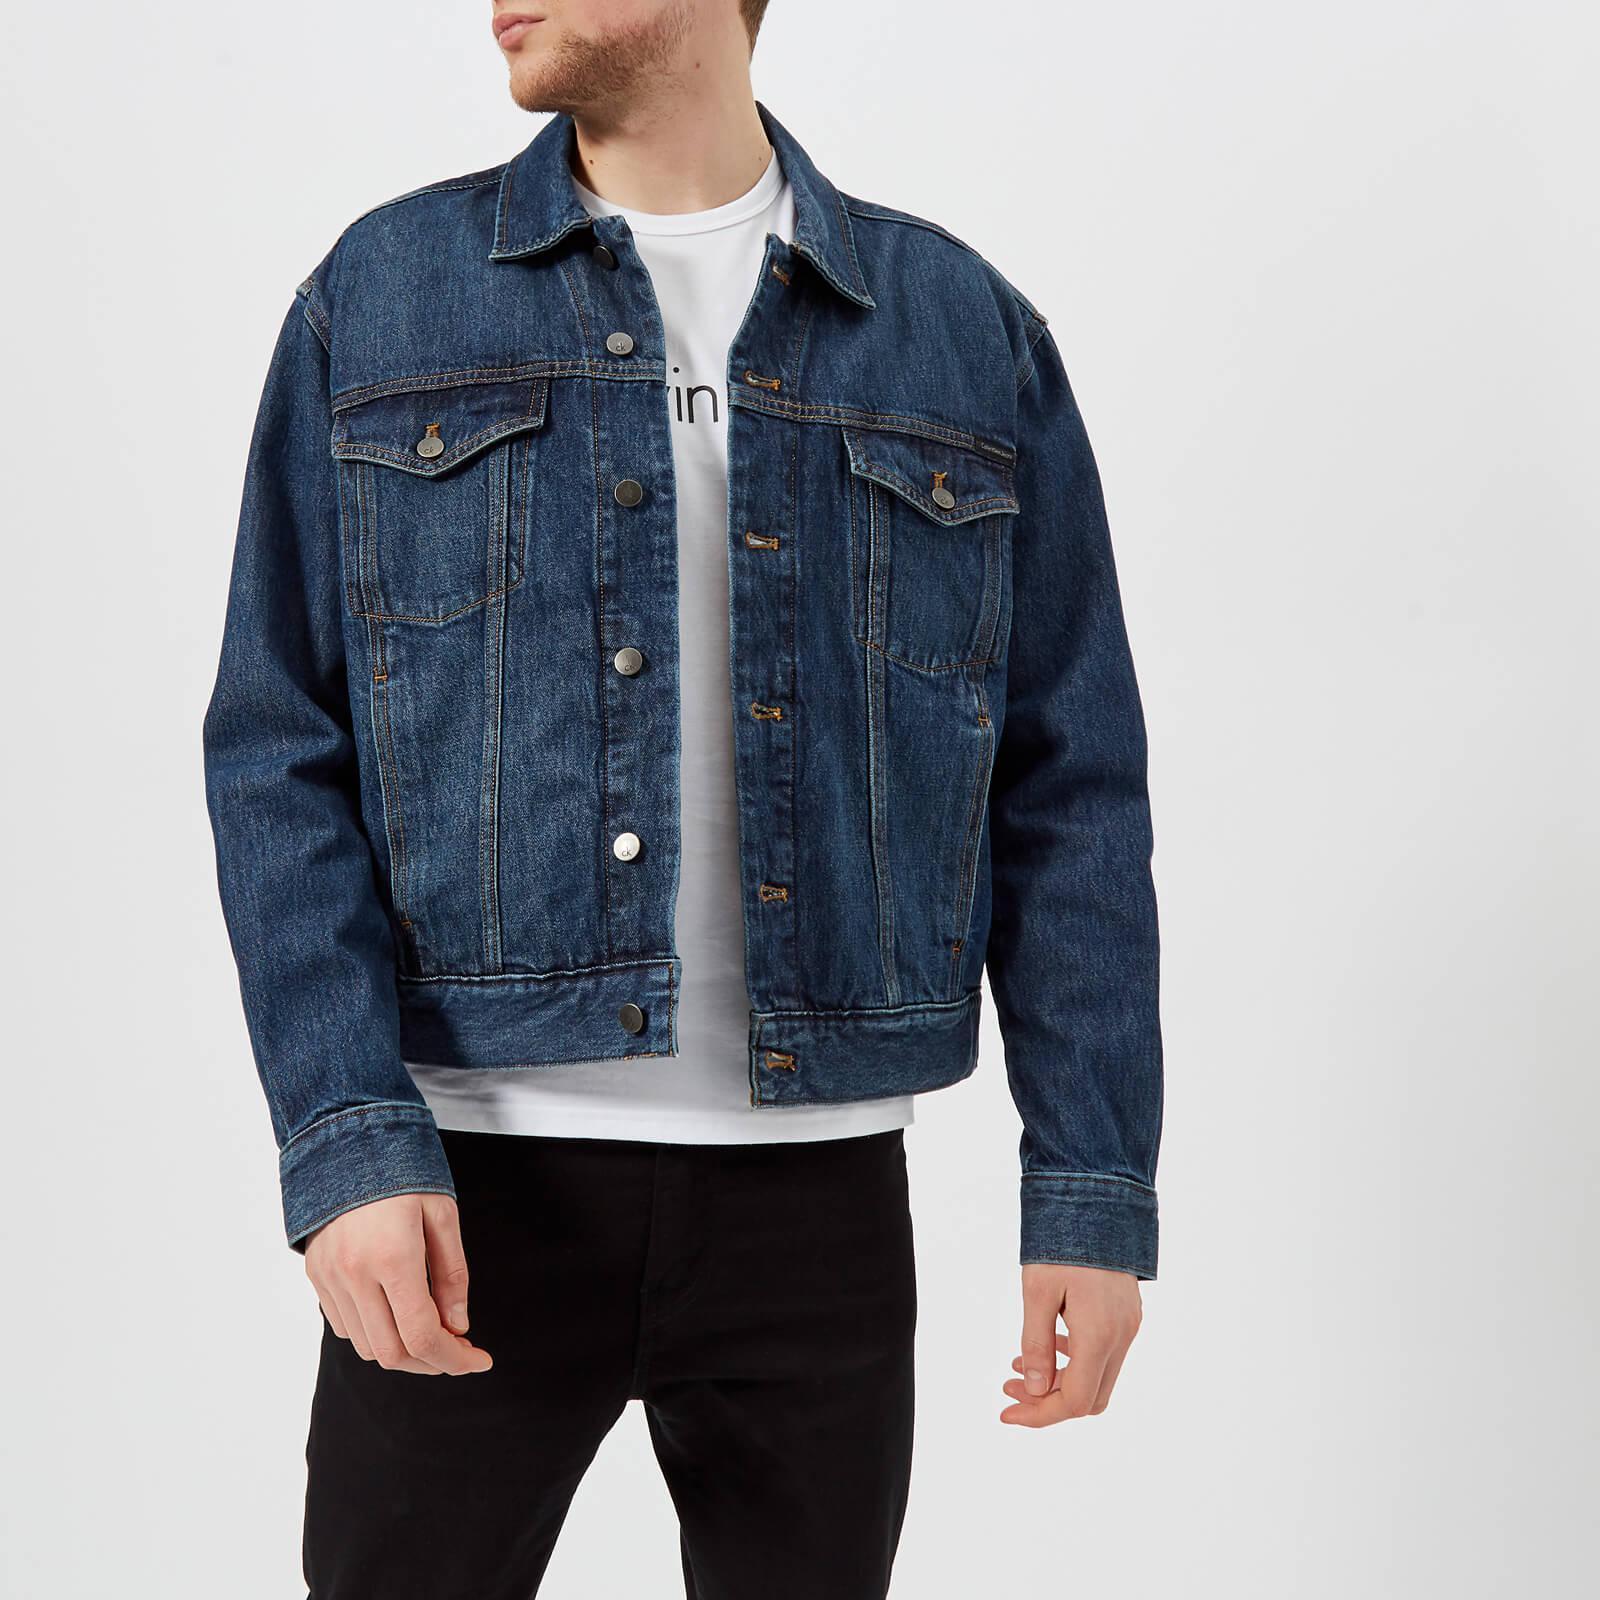 abb2d4ecf9 Calvin Klein Iconic Trucker Jacket in Blue for Men - Lyst